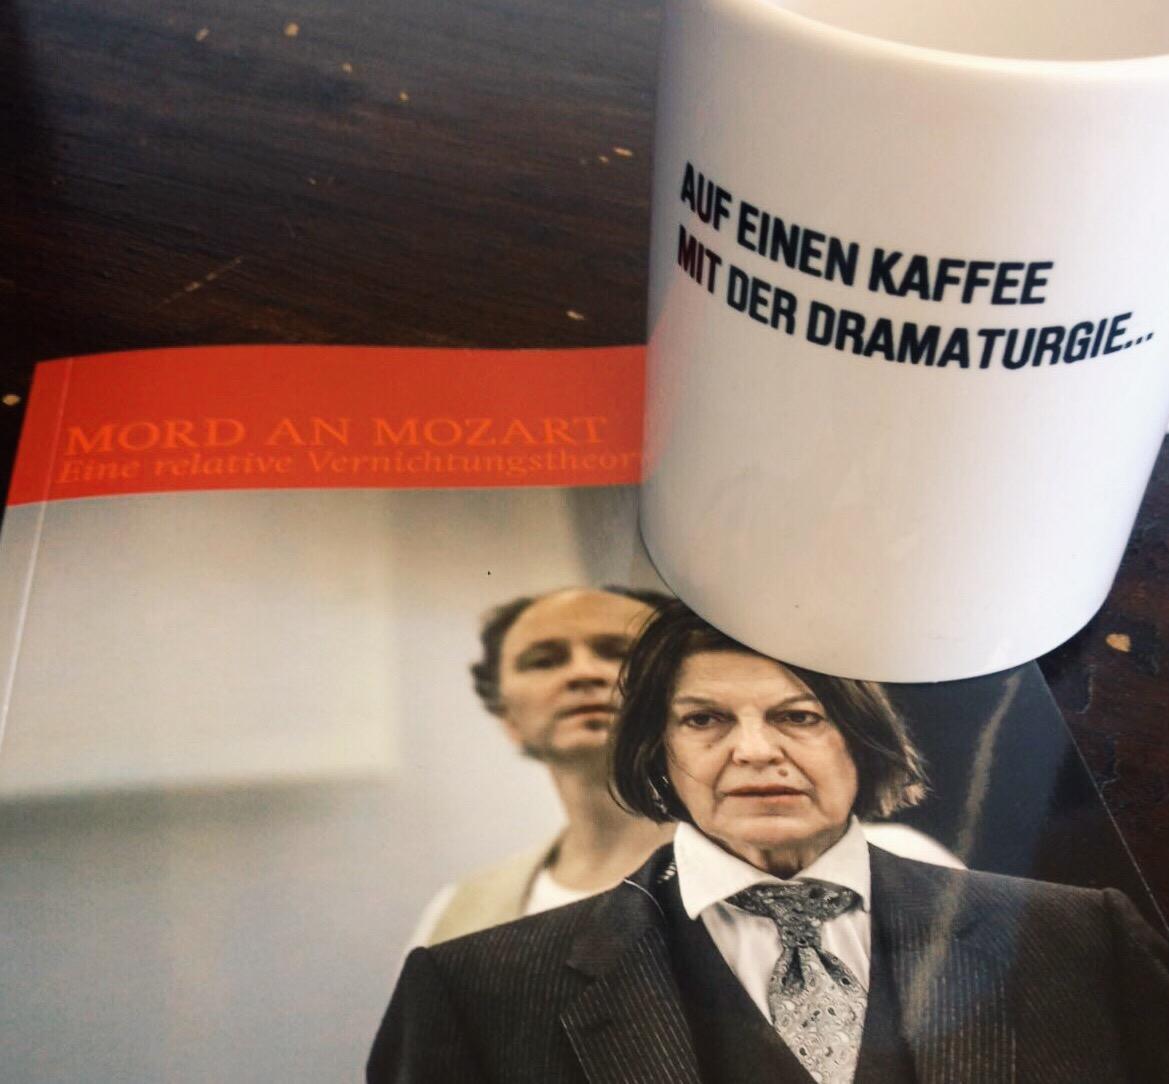 Auf einen Kaffee mit der Dramaturgie - Hörtipps Rimsky-Korsakow